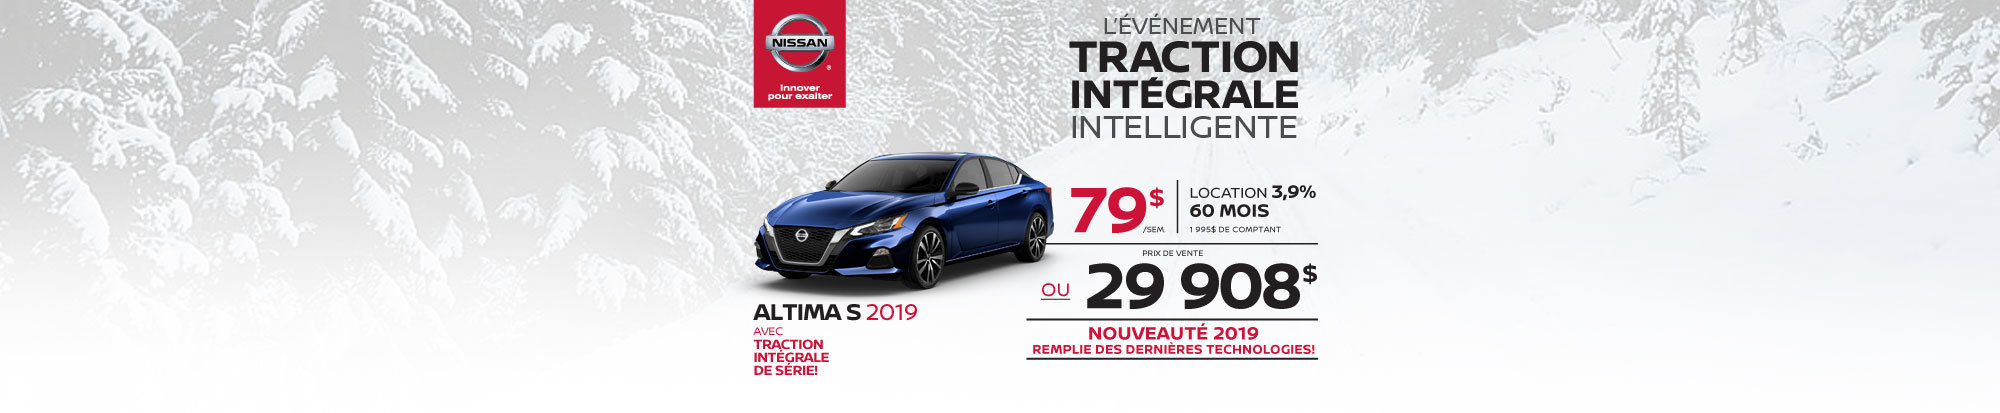 La toute nouvelle Altima S 2019 à Traction intégrale! (header)